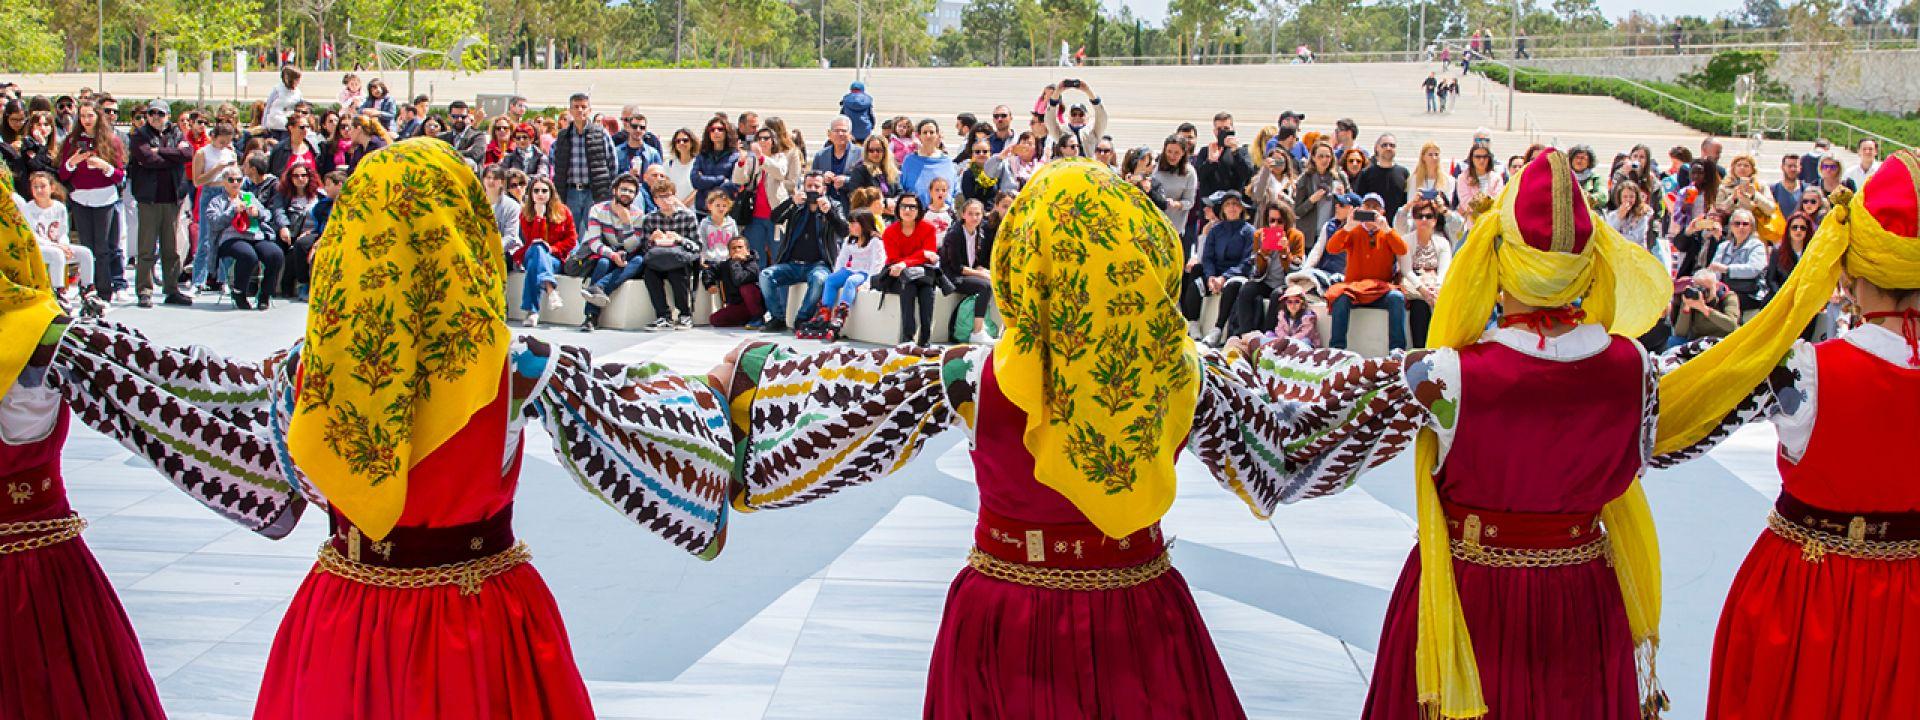 Φωτογραφία από χορευτές που χορεύουν ελληνικούς παραδοσιακούς χορούς στο ΚΠΙΣΝ